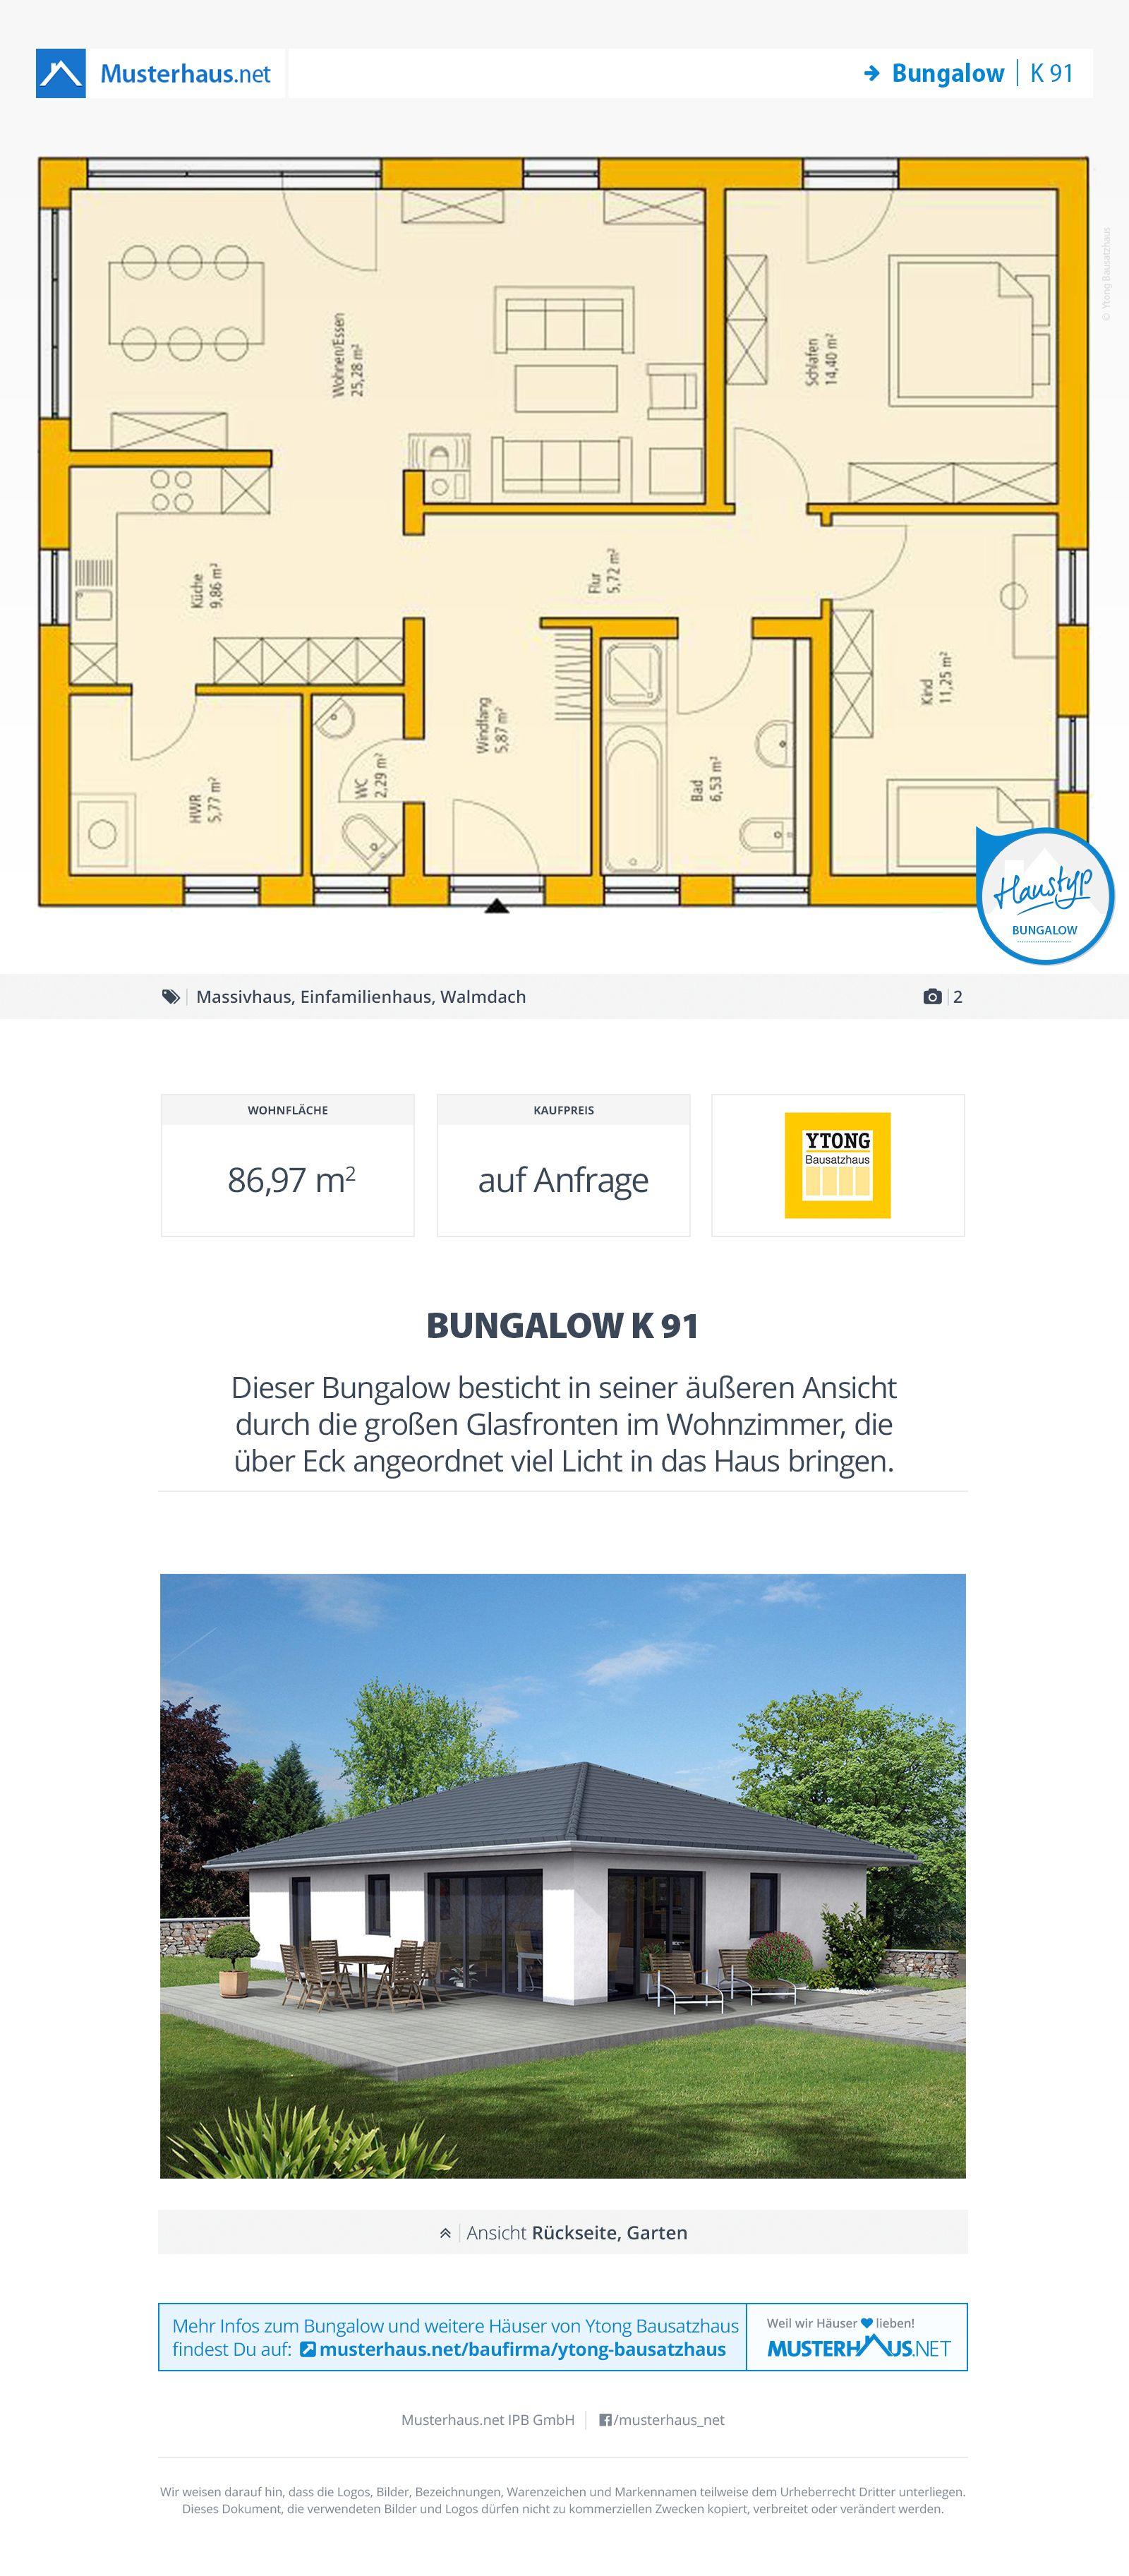 bungalow k 91 bungalow pinterest bungalow grundriss bungalow und haus grundriss. Black Bedroom Furniture Sets. Home Design Ideas